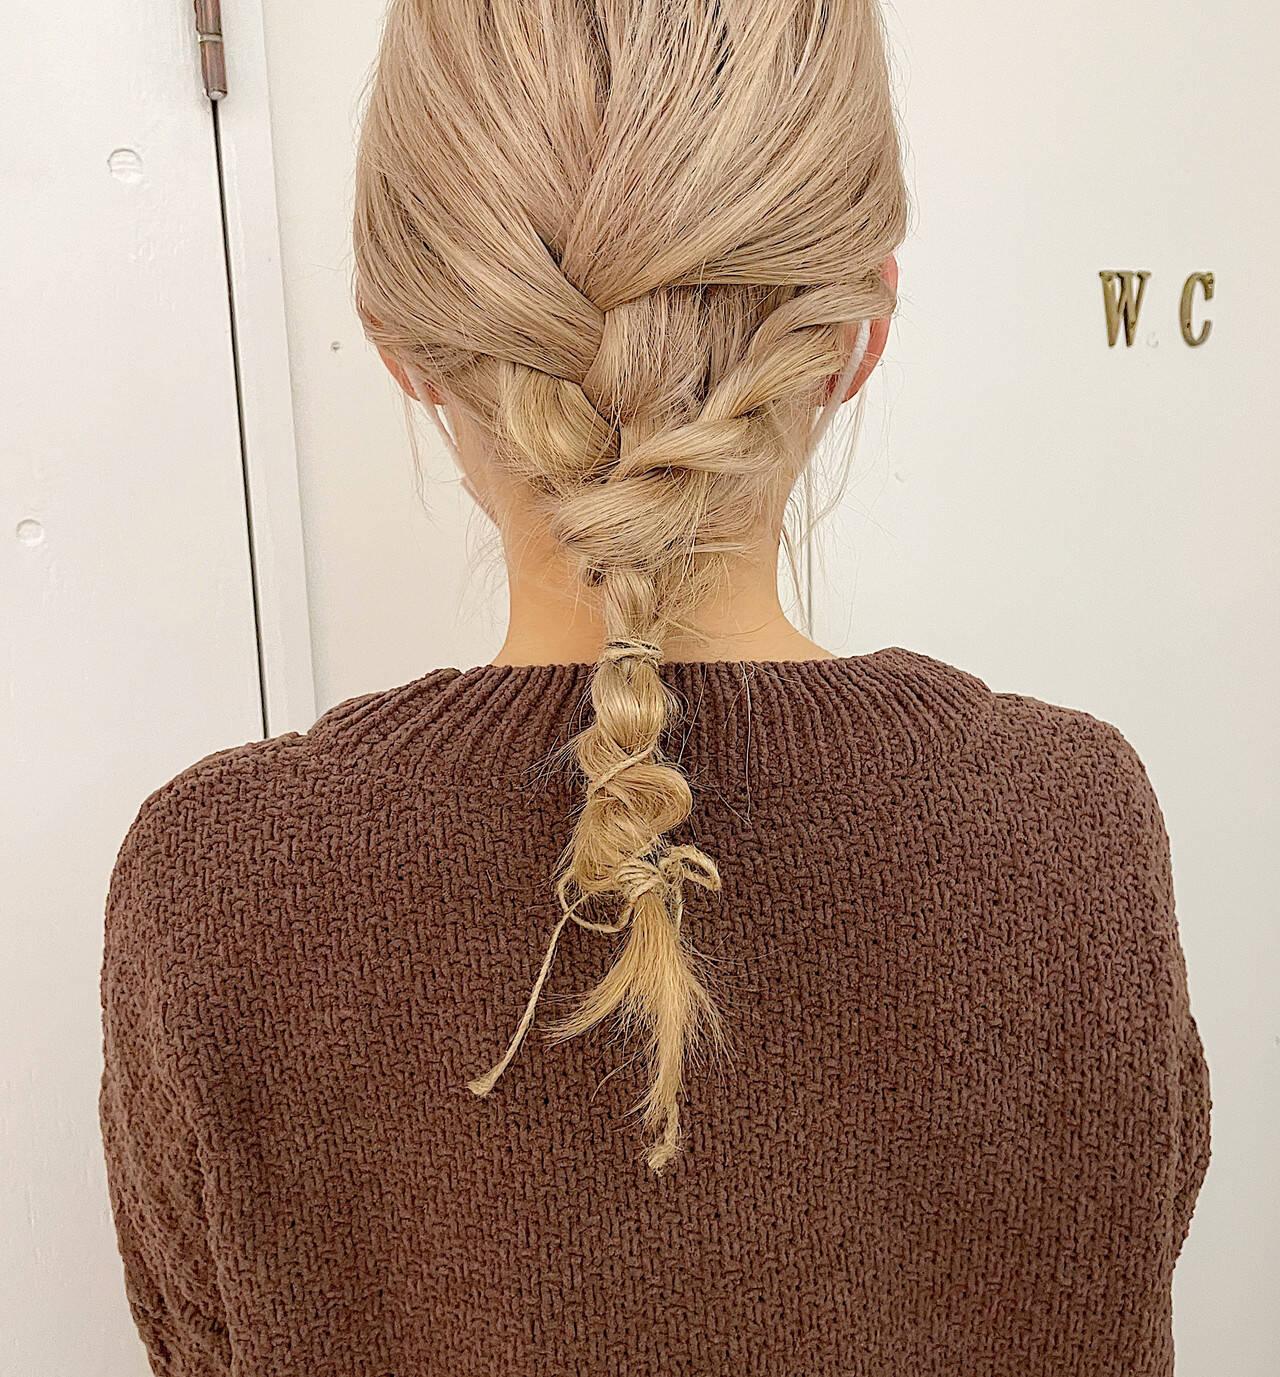 シアーベージュ ヘアアレンジ ミディアム ふわふわヘアアレンジヘアスタイルや髪型の写真・画像